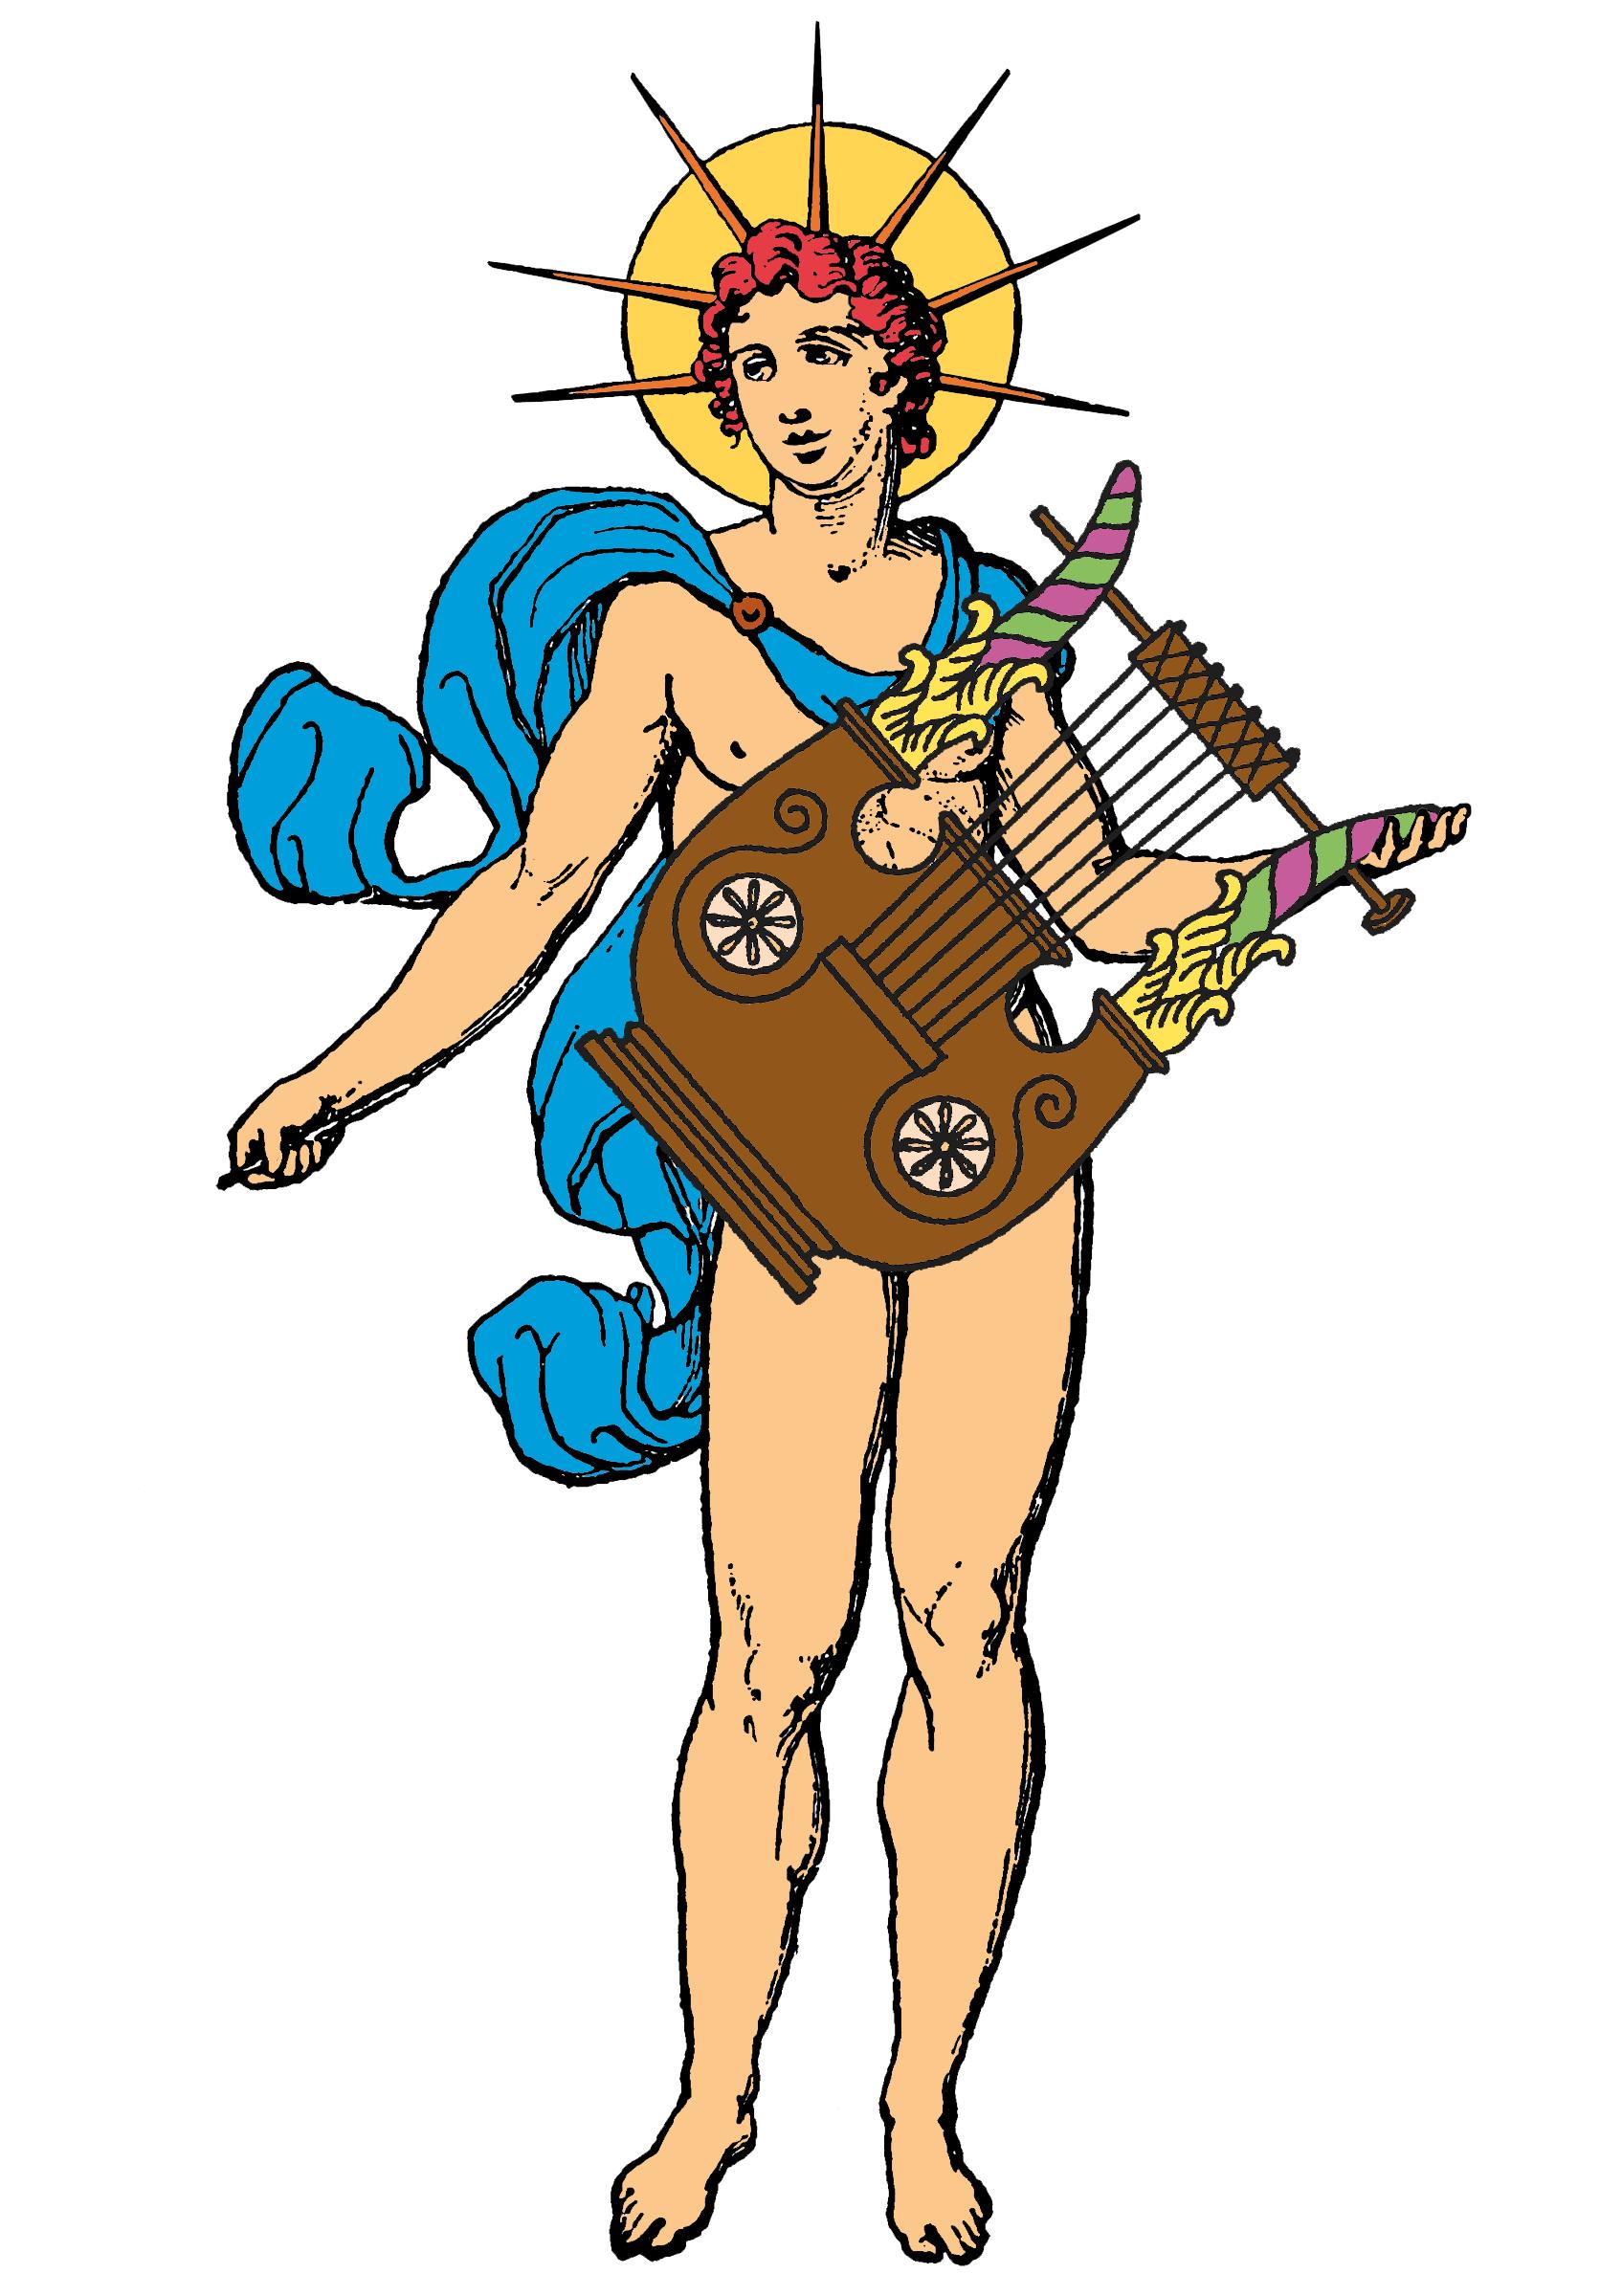 Logotipo+de+Grecia+antigua%3A+sexo%2C+vino+y+diaul%C3%B3s